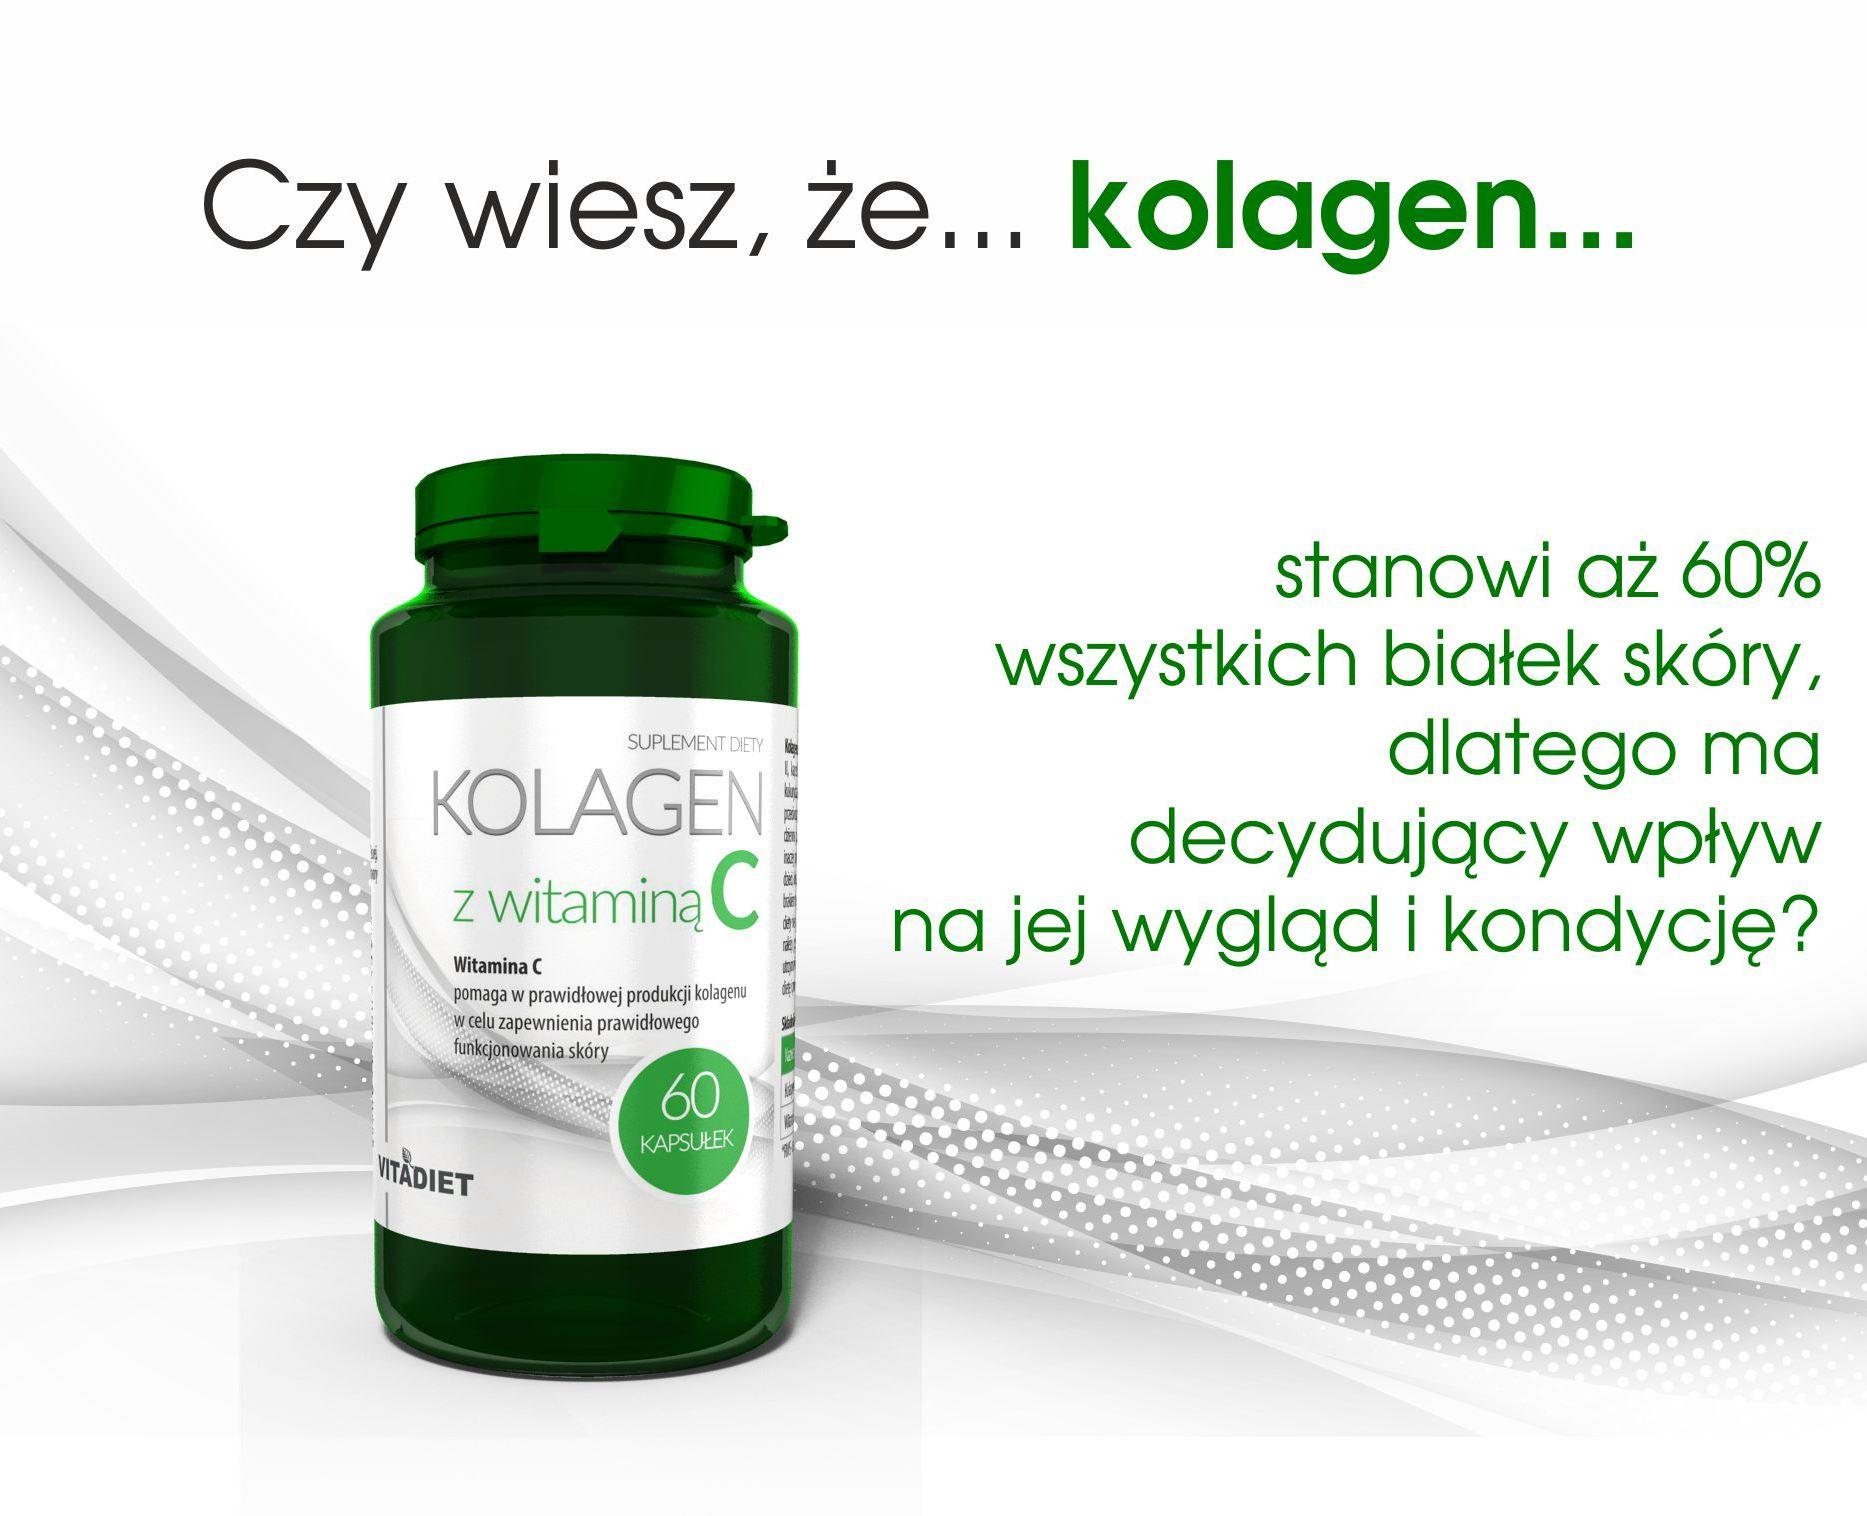 Czy wiesz, że kolagen..?